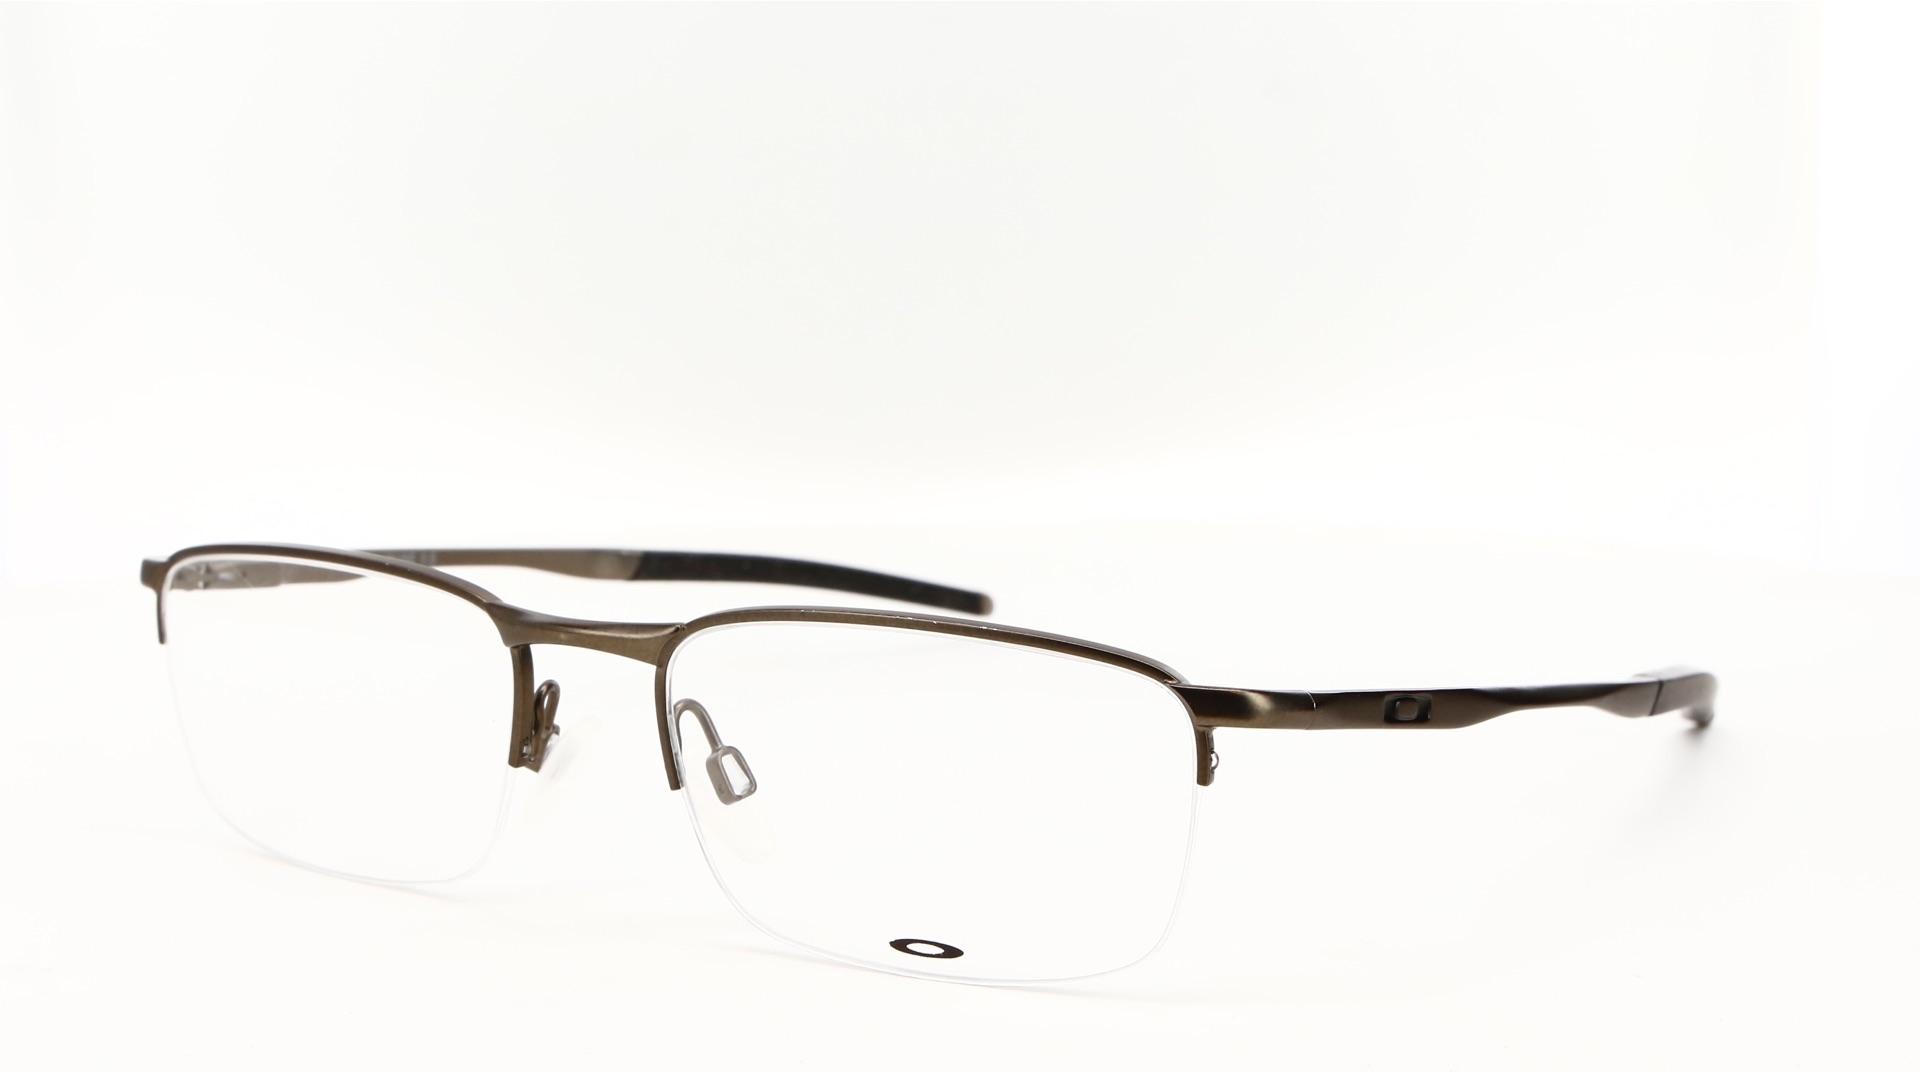 Oakley - ref: 78525